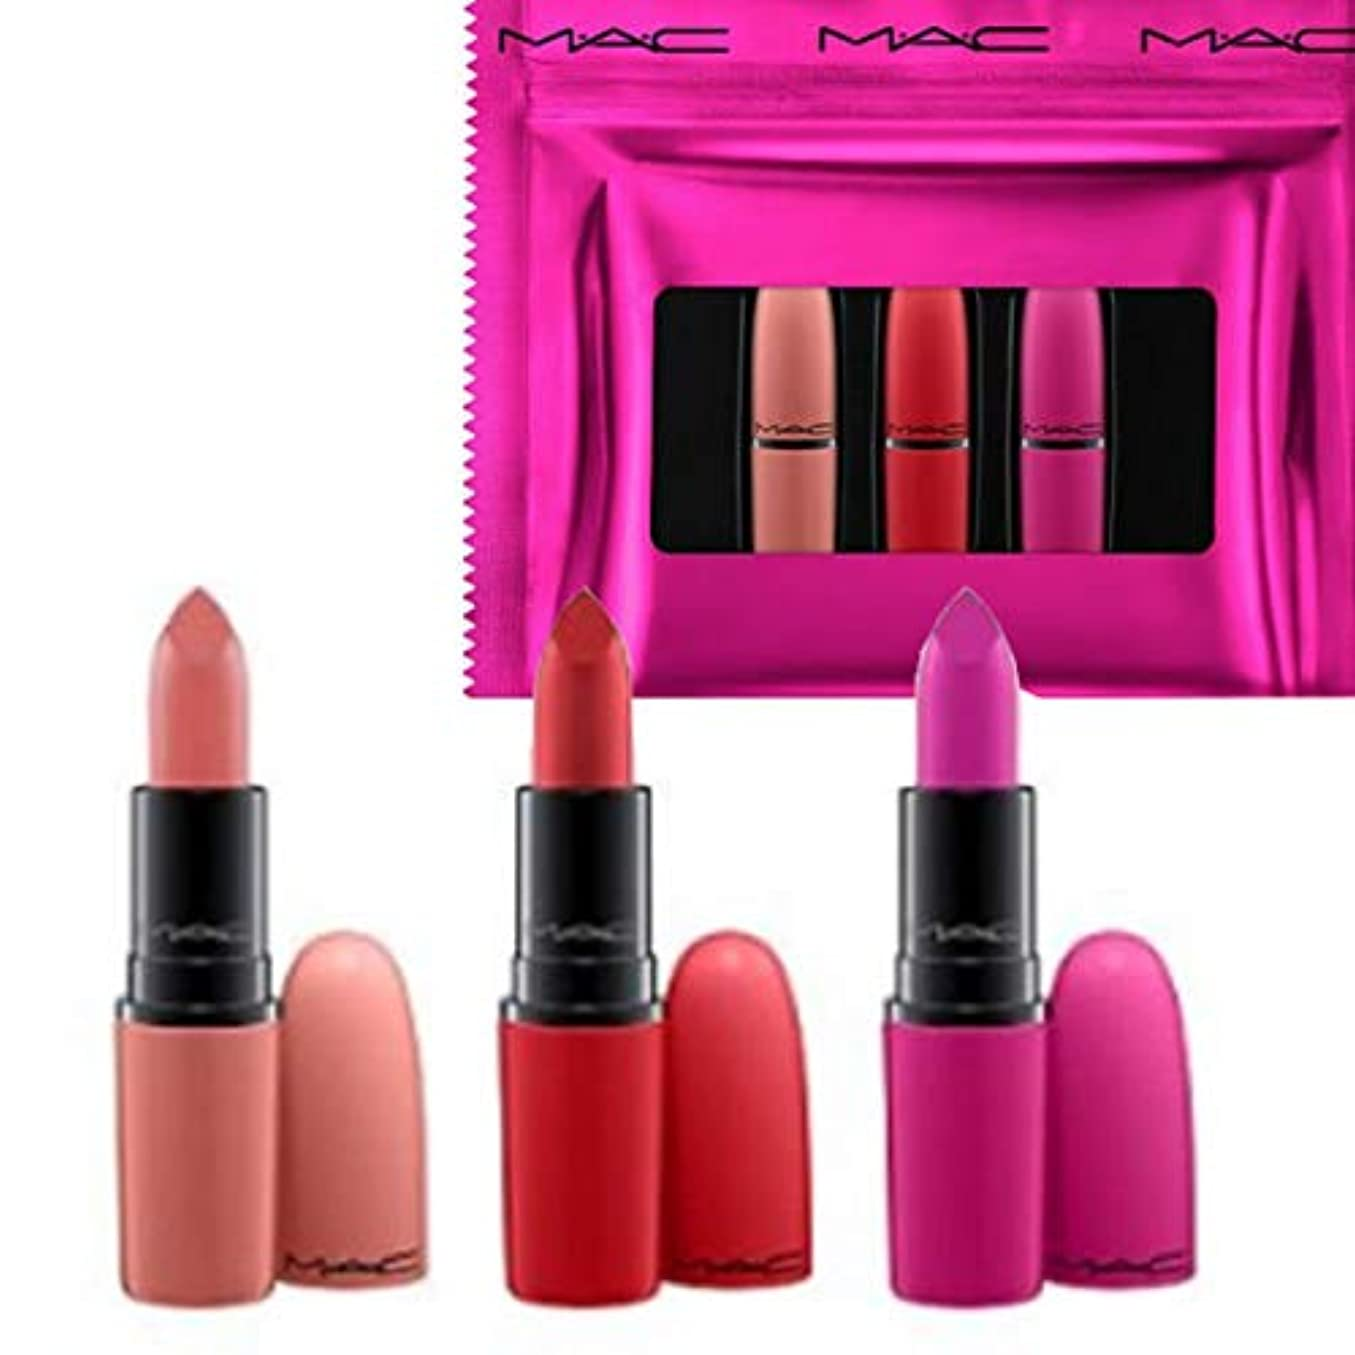 パス然とした試用M.A.C ?マック, Limited Edition 限定版, 3-Pc. Shiny Pretty Things Lip Set - Russian Red/Kinda Sexy/Flat Out Fabulous...